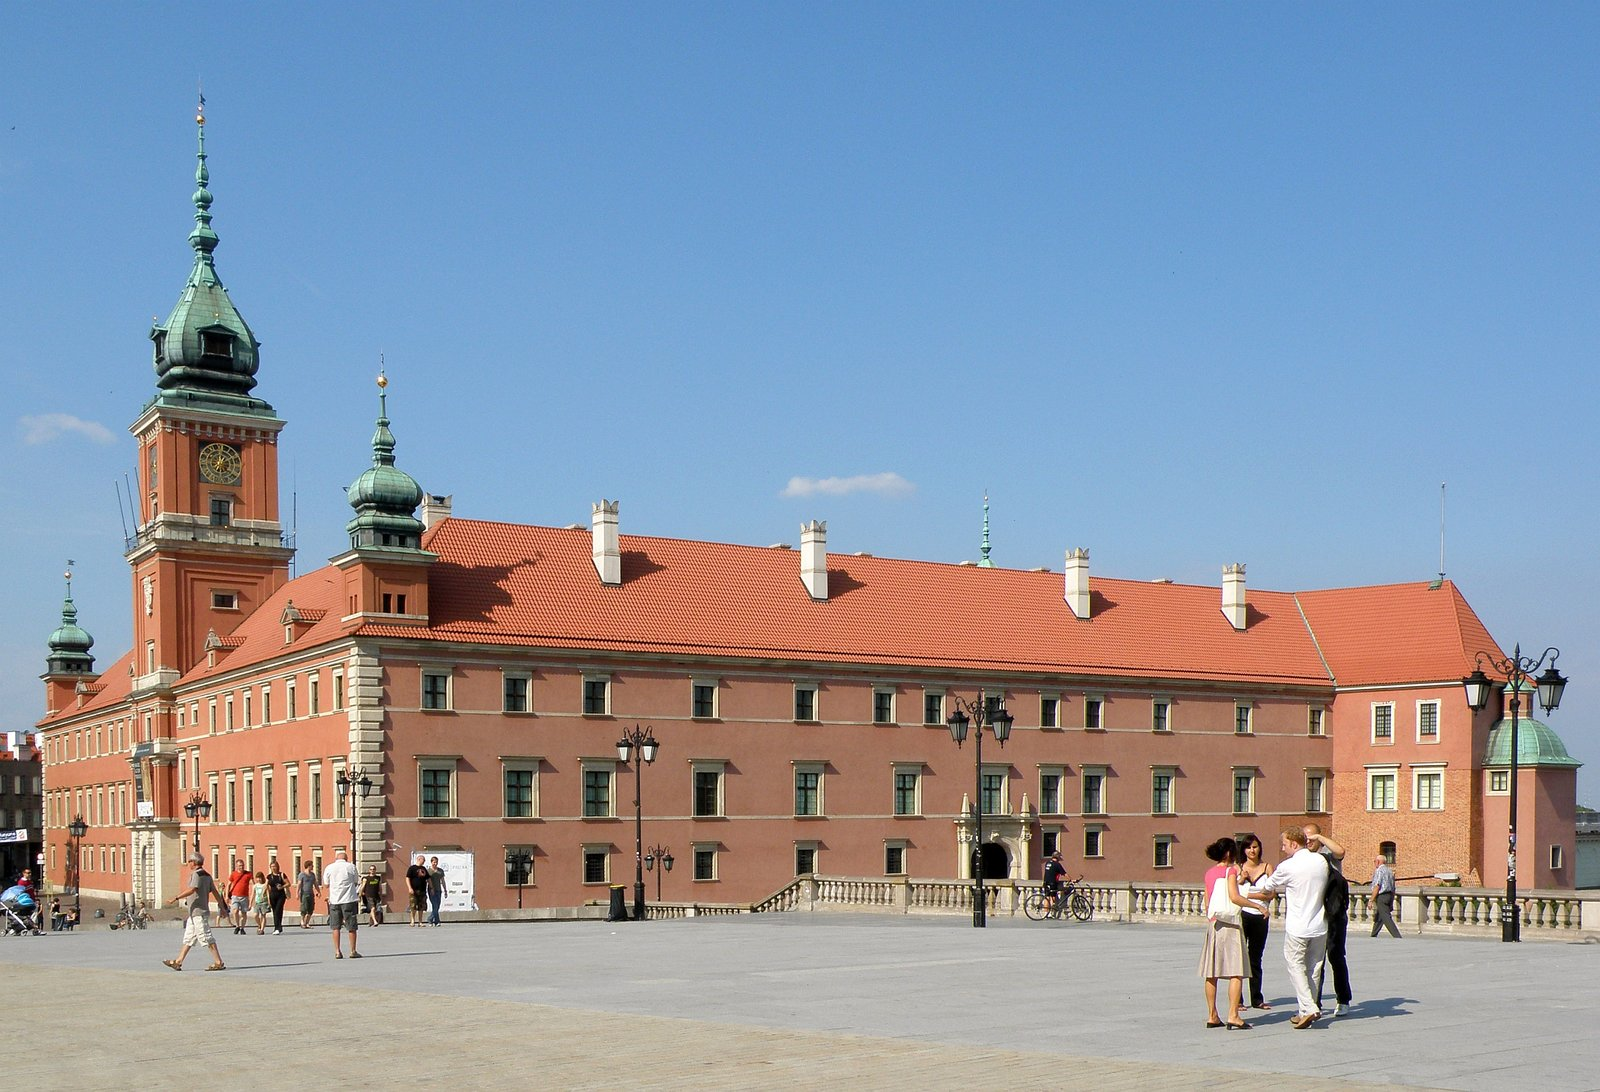 zdjęcie przedsatwia zamek królewski wWarszawie